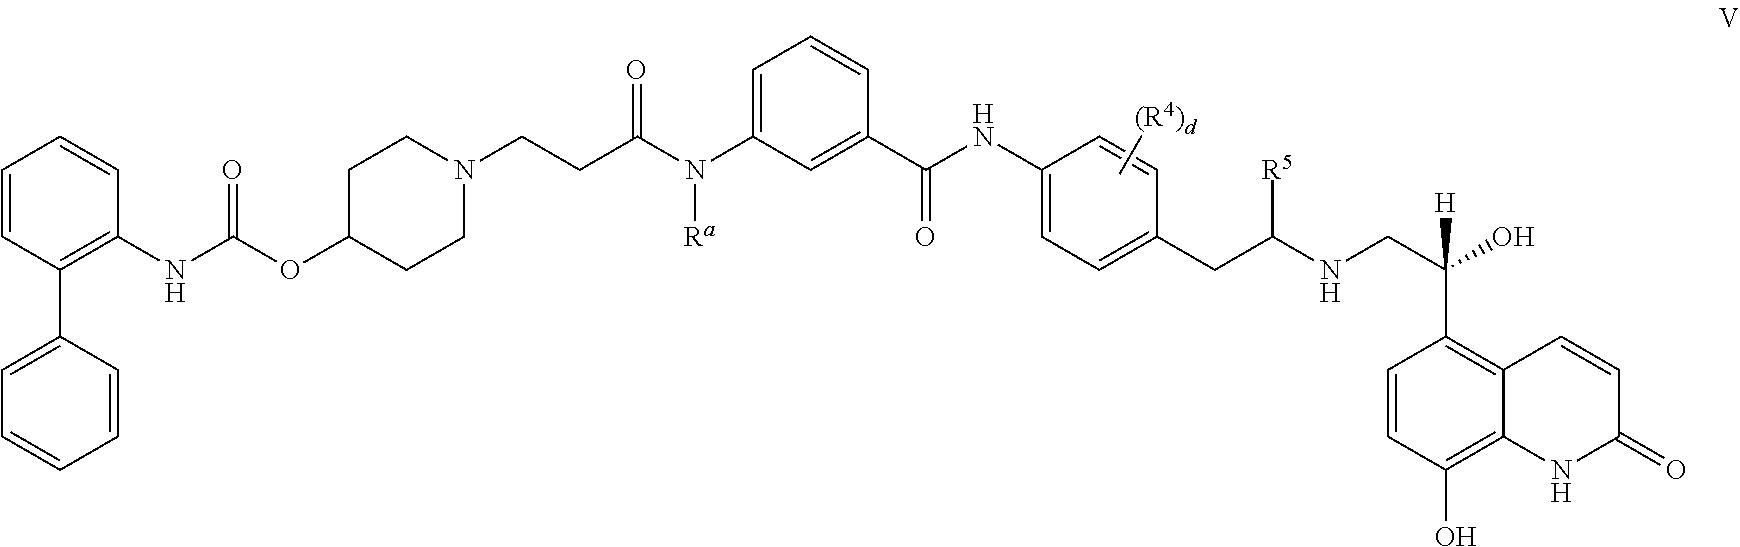 Figure US10138220-20181127-C00011